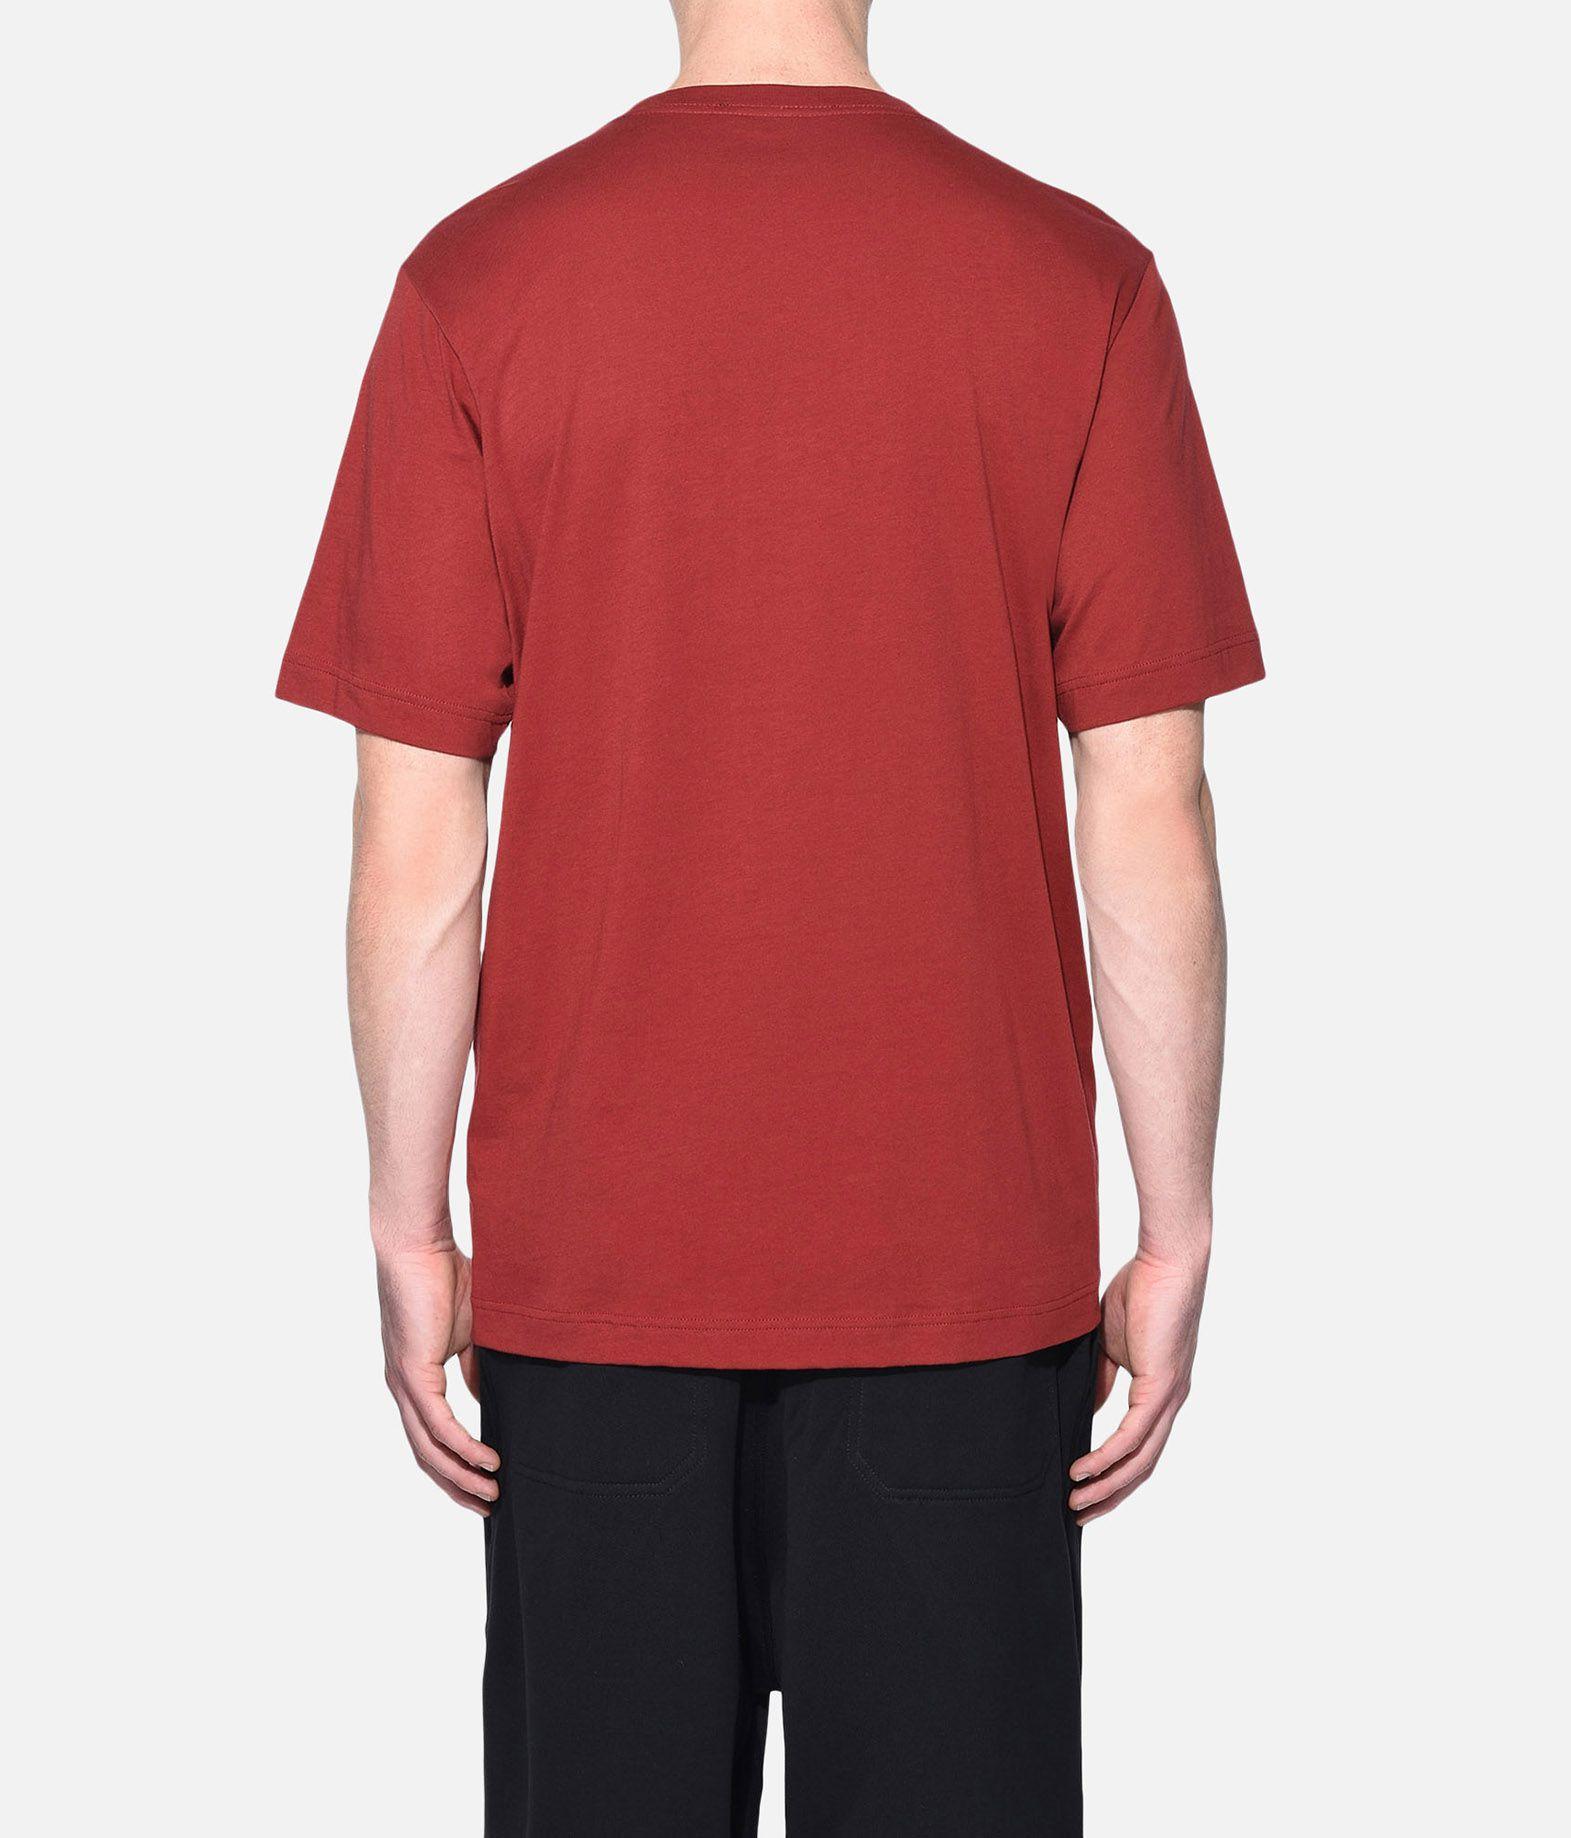 Y-3 Y-3 Stacked Logo Tee T-shirt maniche corte Uomo d